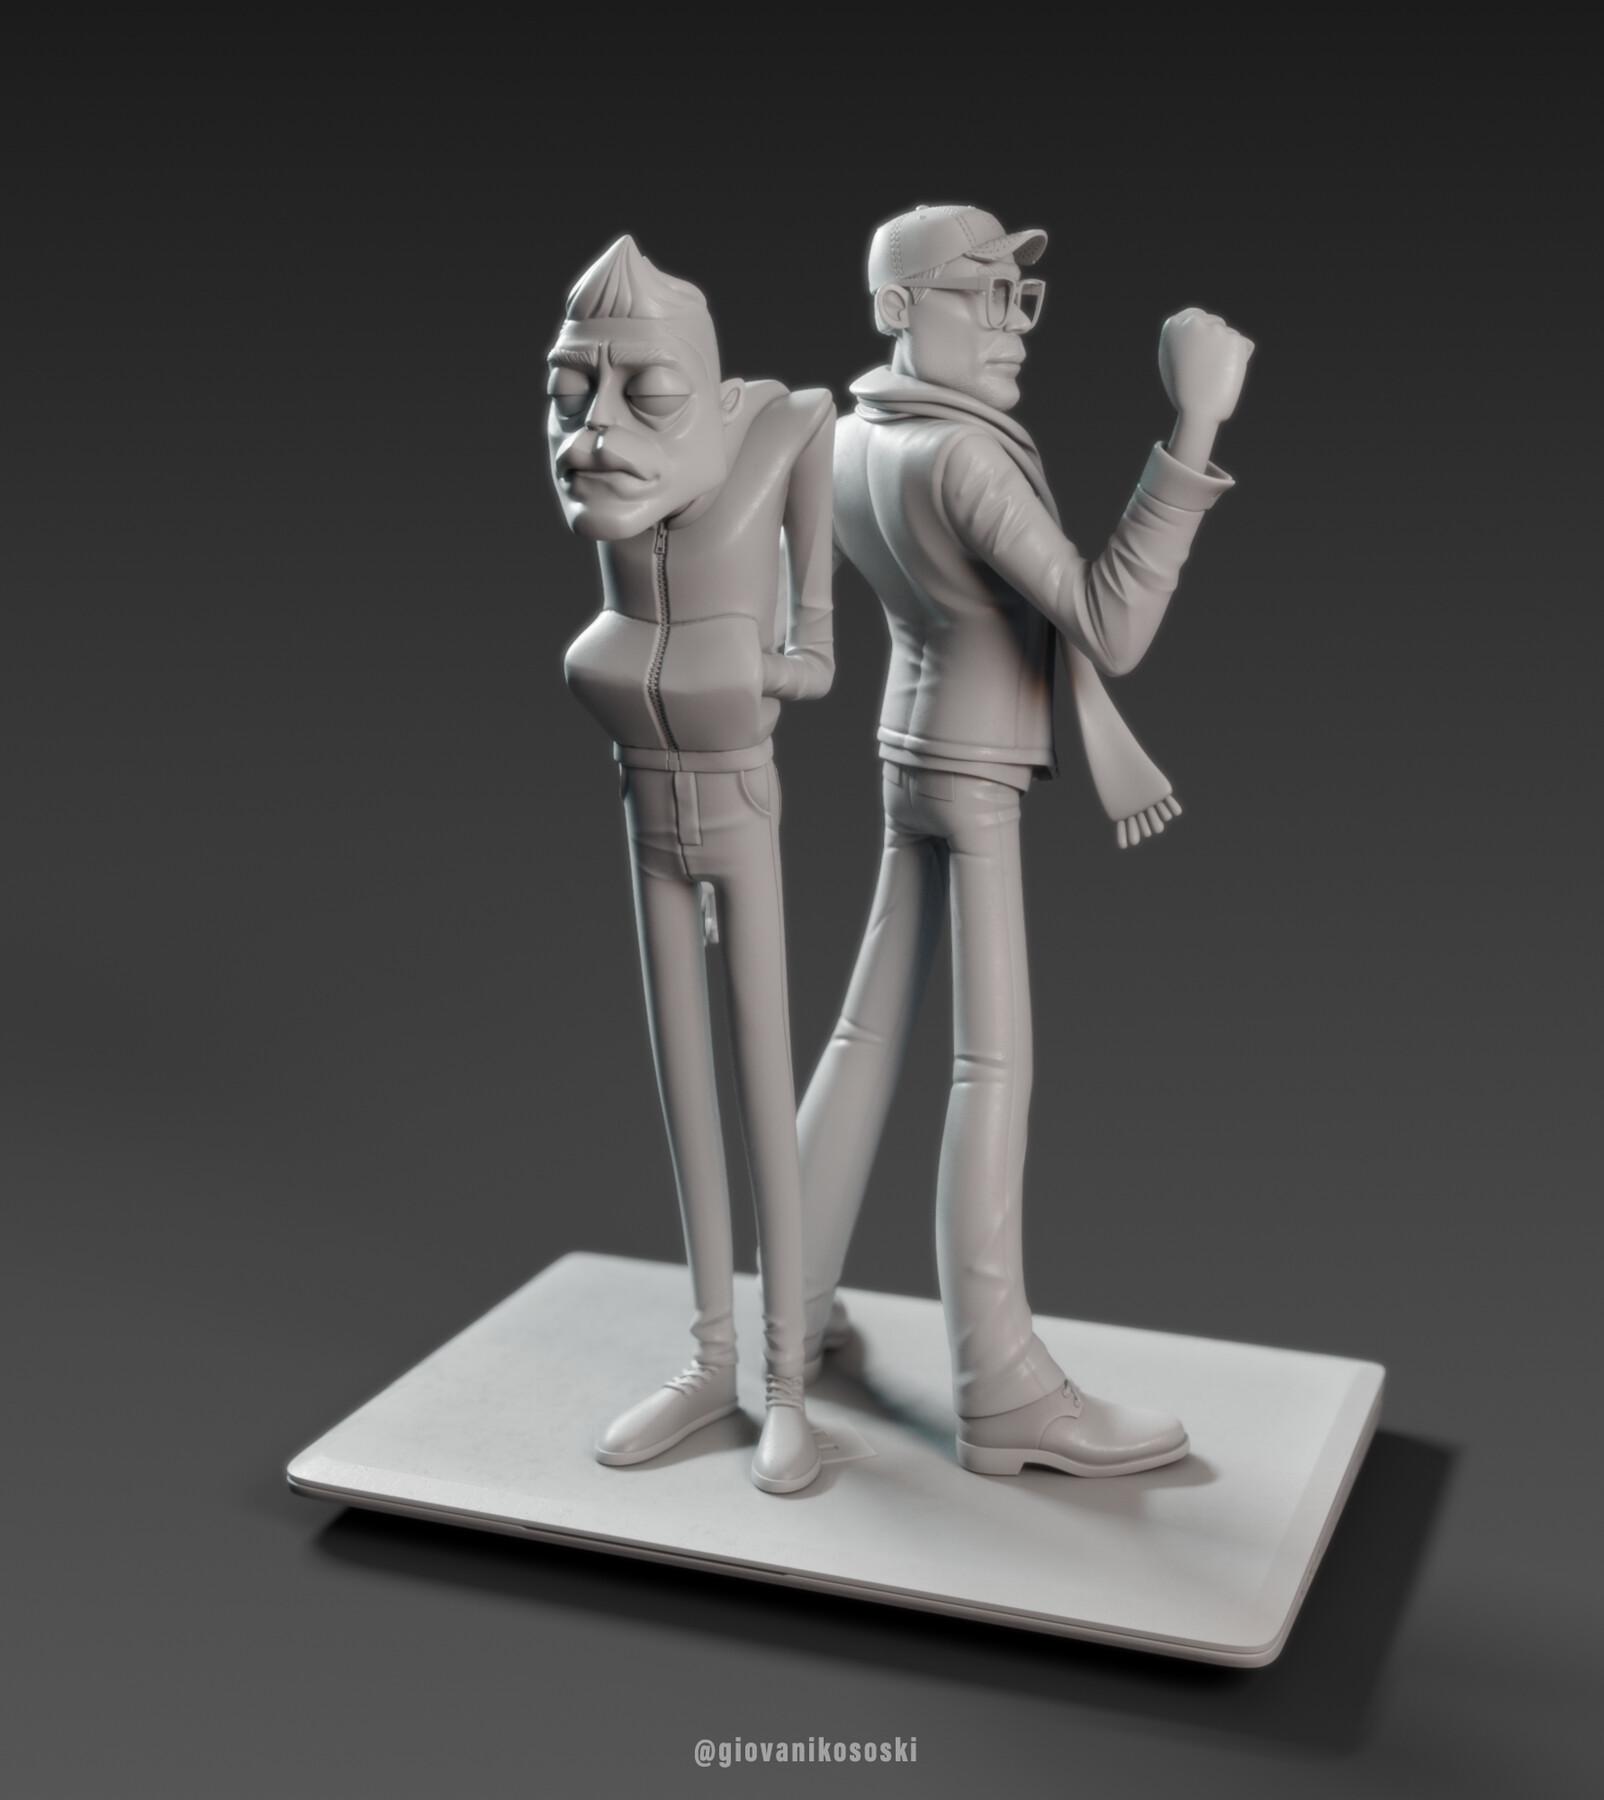 Giovani kososki mrobot clay 01